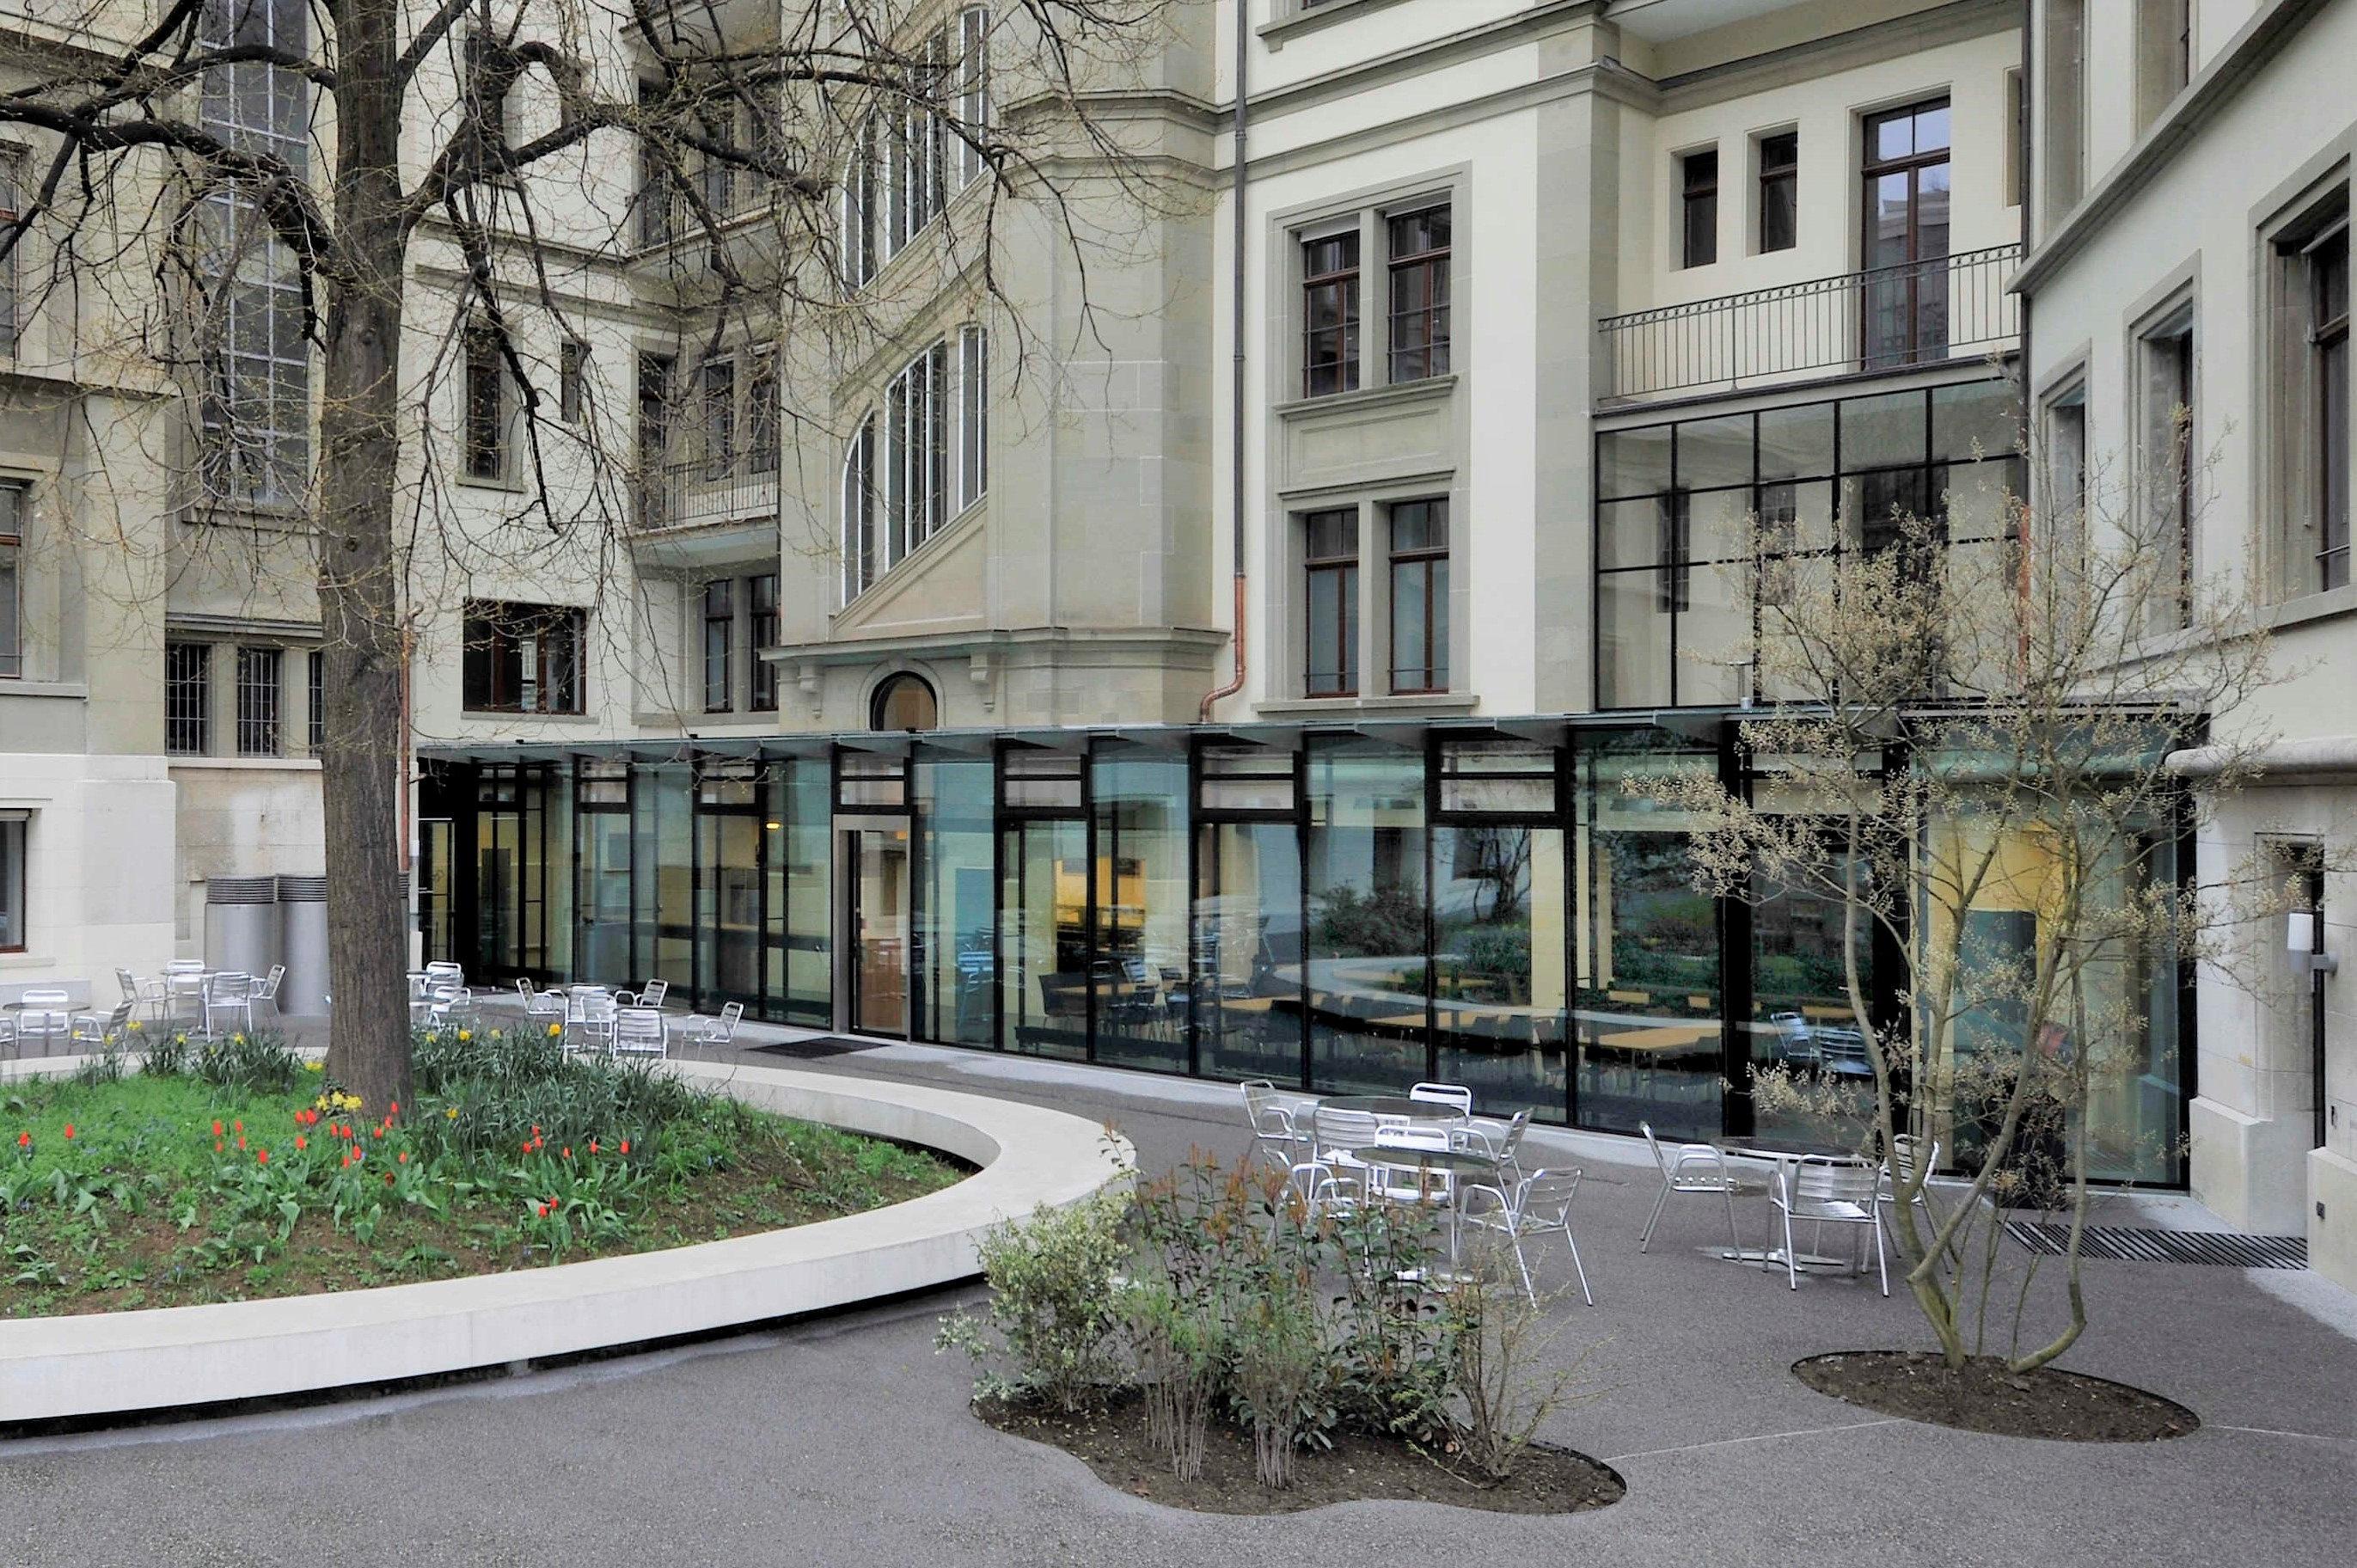 Referenzen - Verwaltungsgebäude - Immobilien Stadt Bern